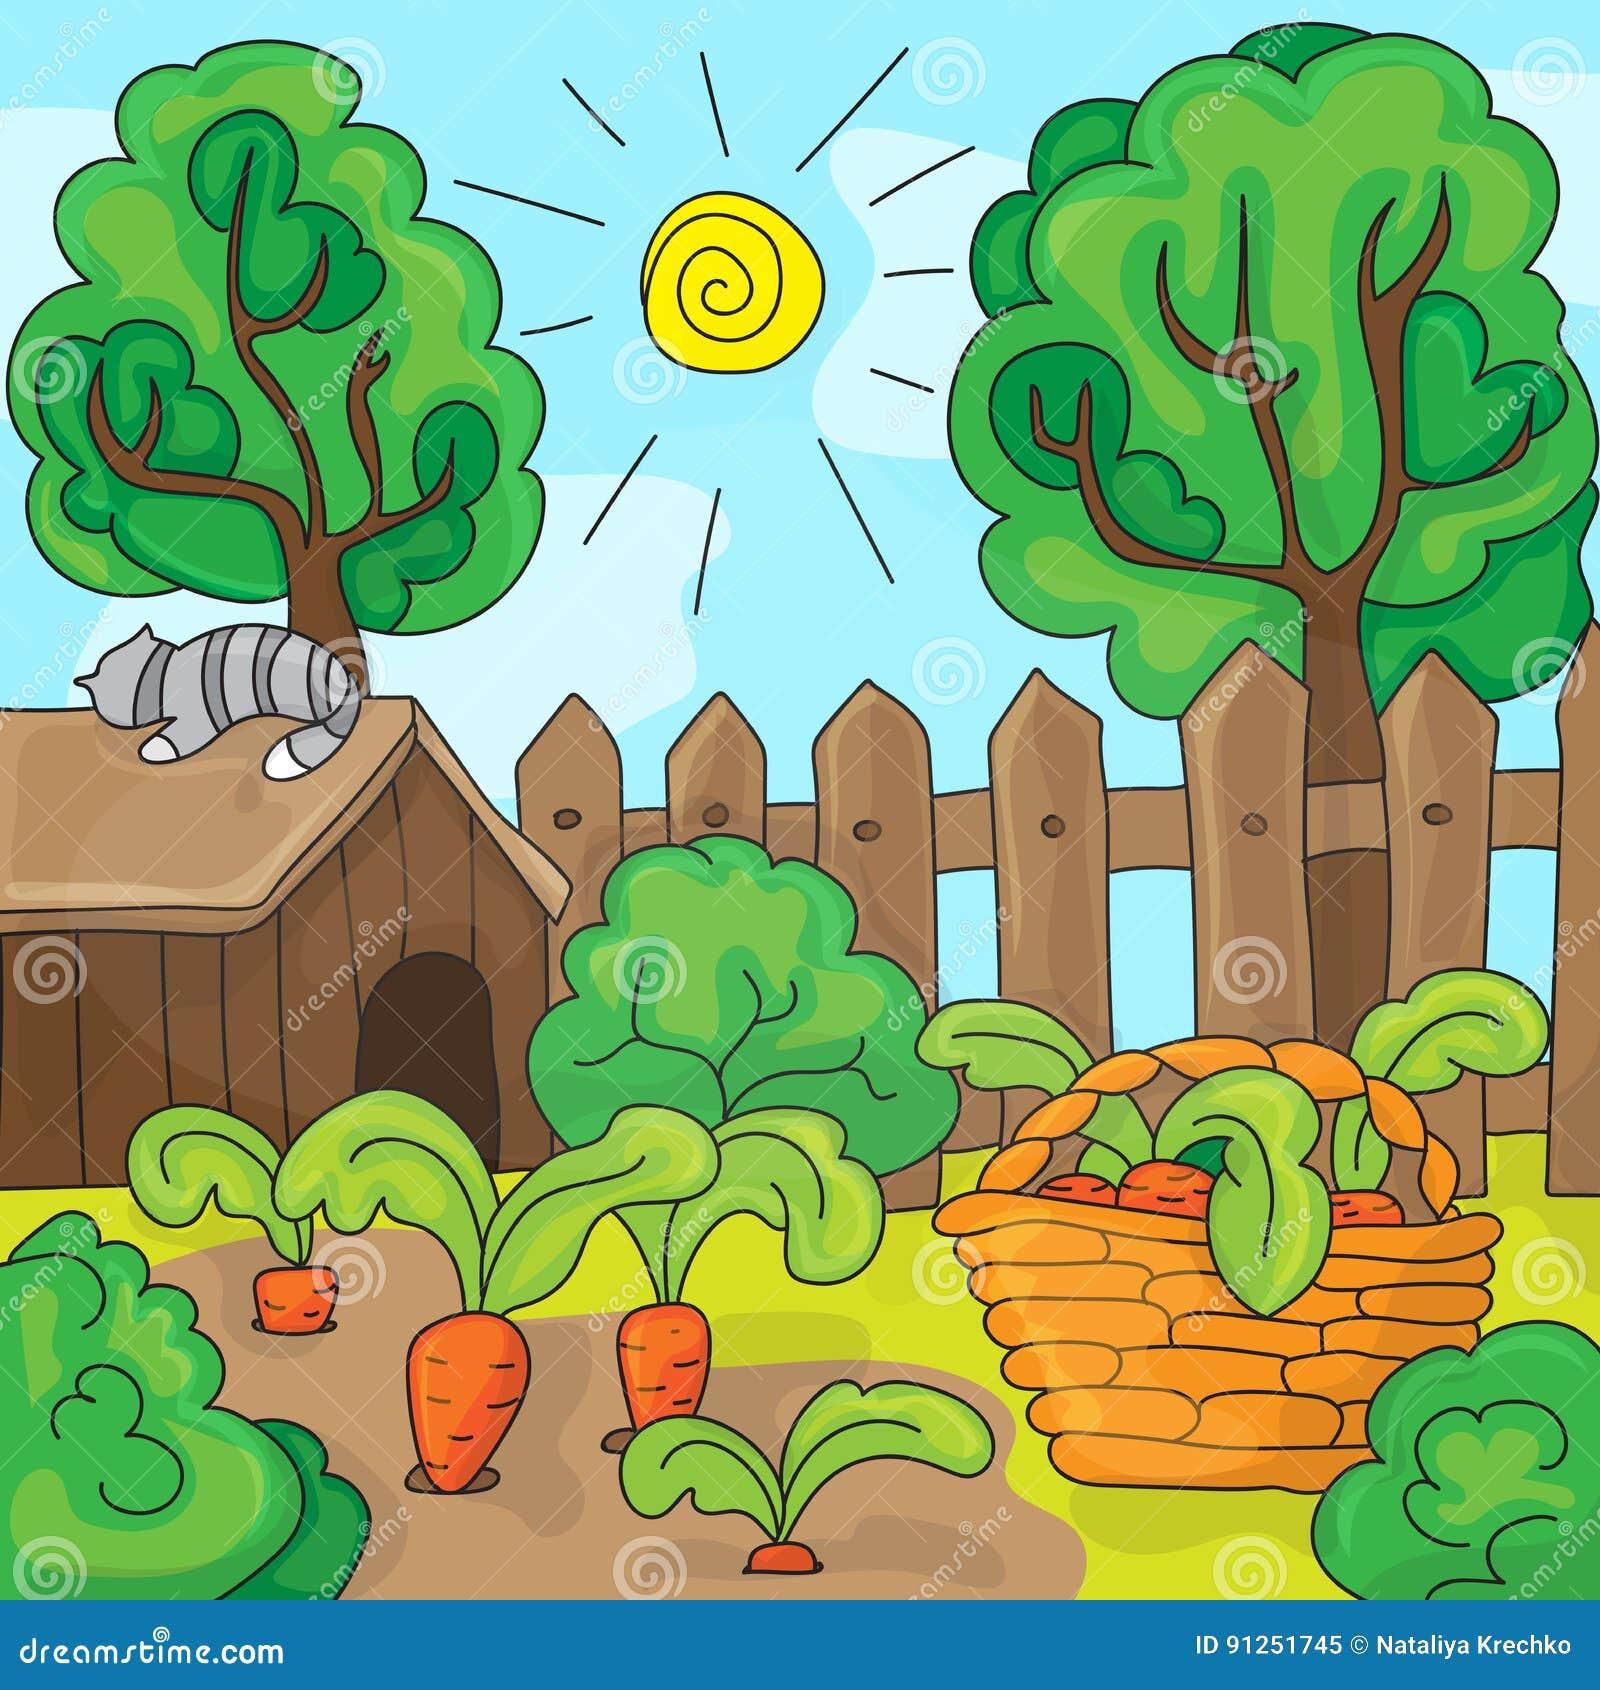 Cartoon Garden With Carrots, Vector Illustration Stock Vector ... for Farm Garden Clipart  54lyp